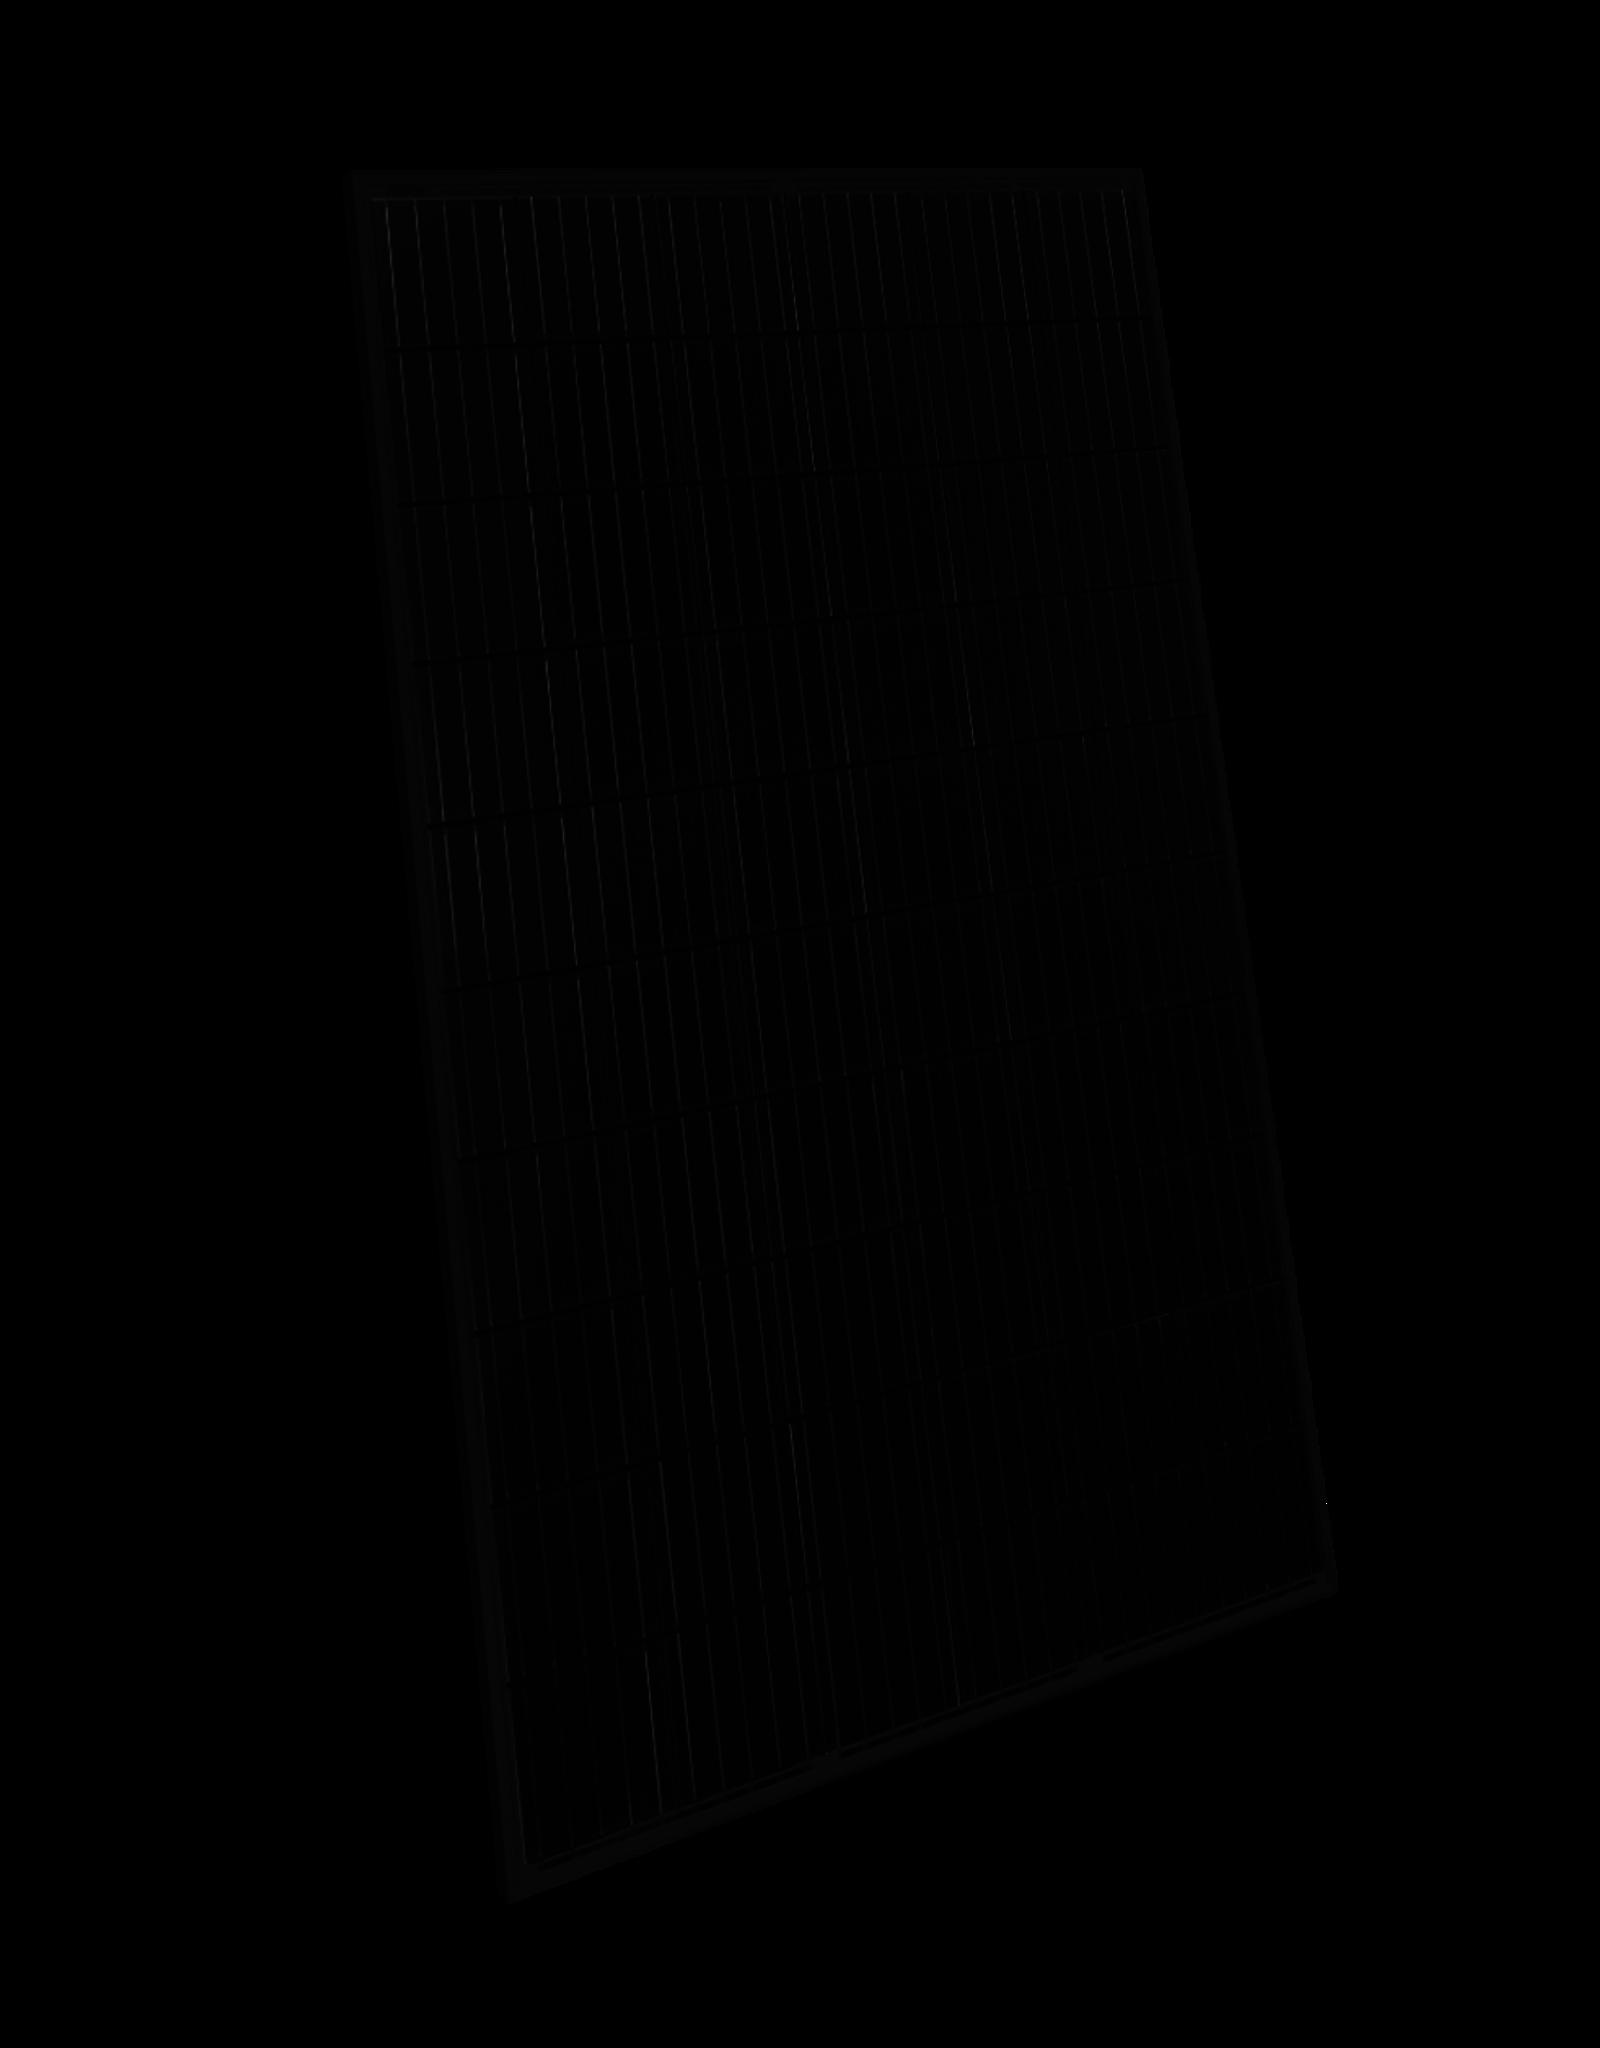 Pakket voor zelfinstallatie Pakket met 12 Jinko Solar monokristallijne Full Black panelen, SolarEdge omvormer en Esdec Clickfit EVO montagematerialen